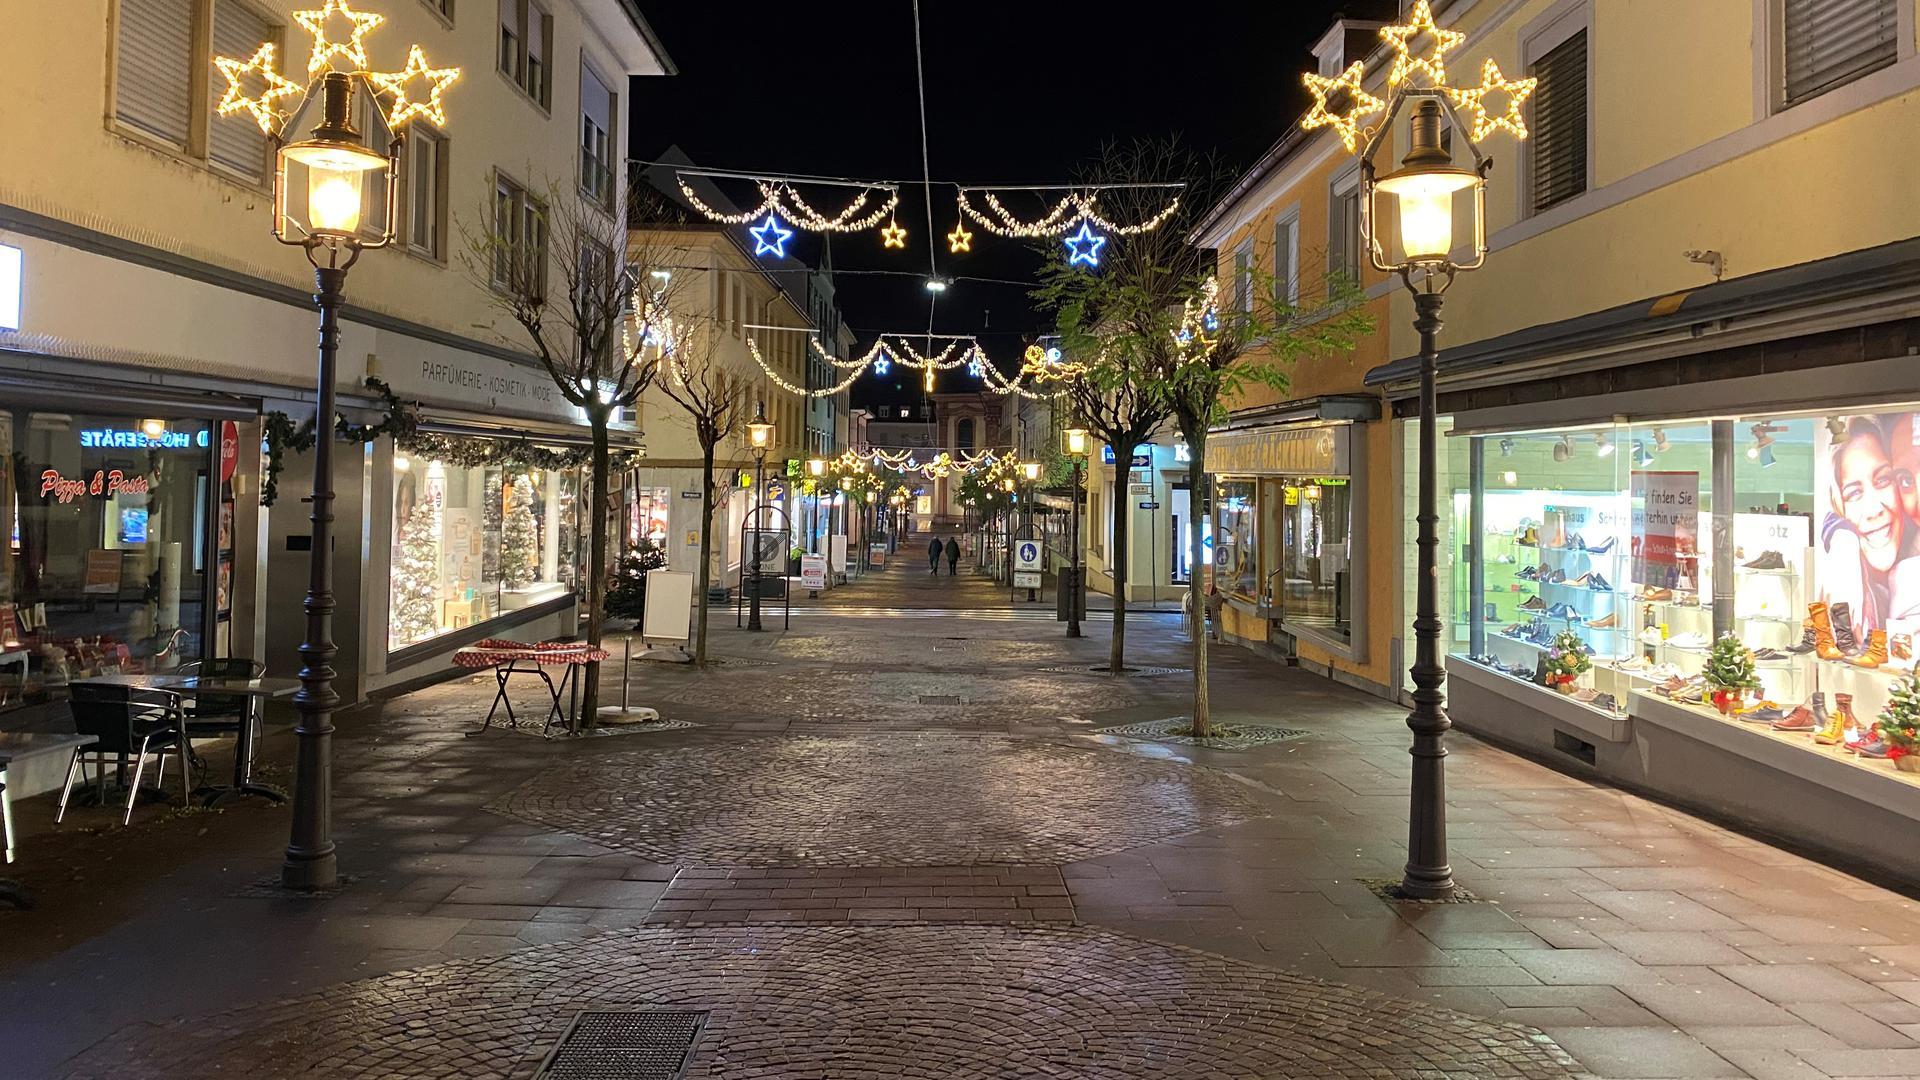 Eine leere Fußgängerzone bei Nacht.